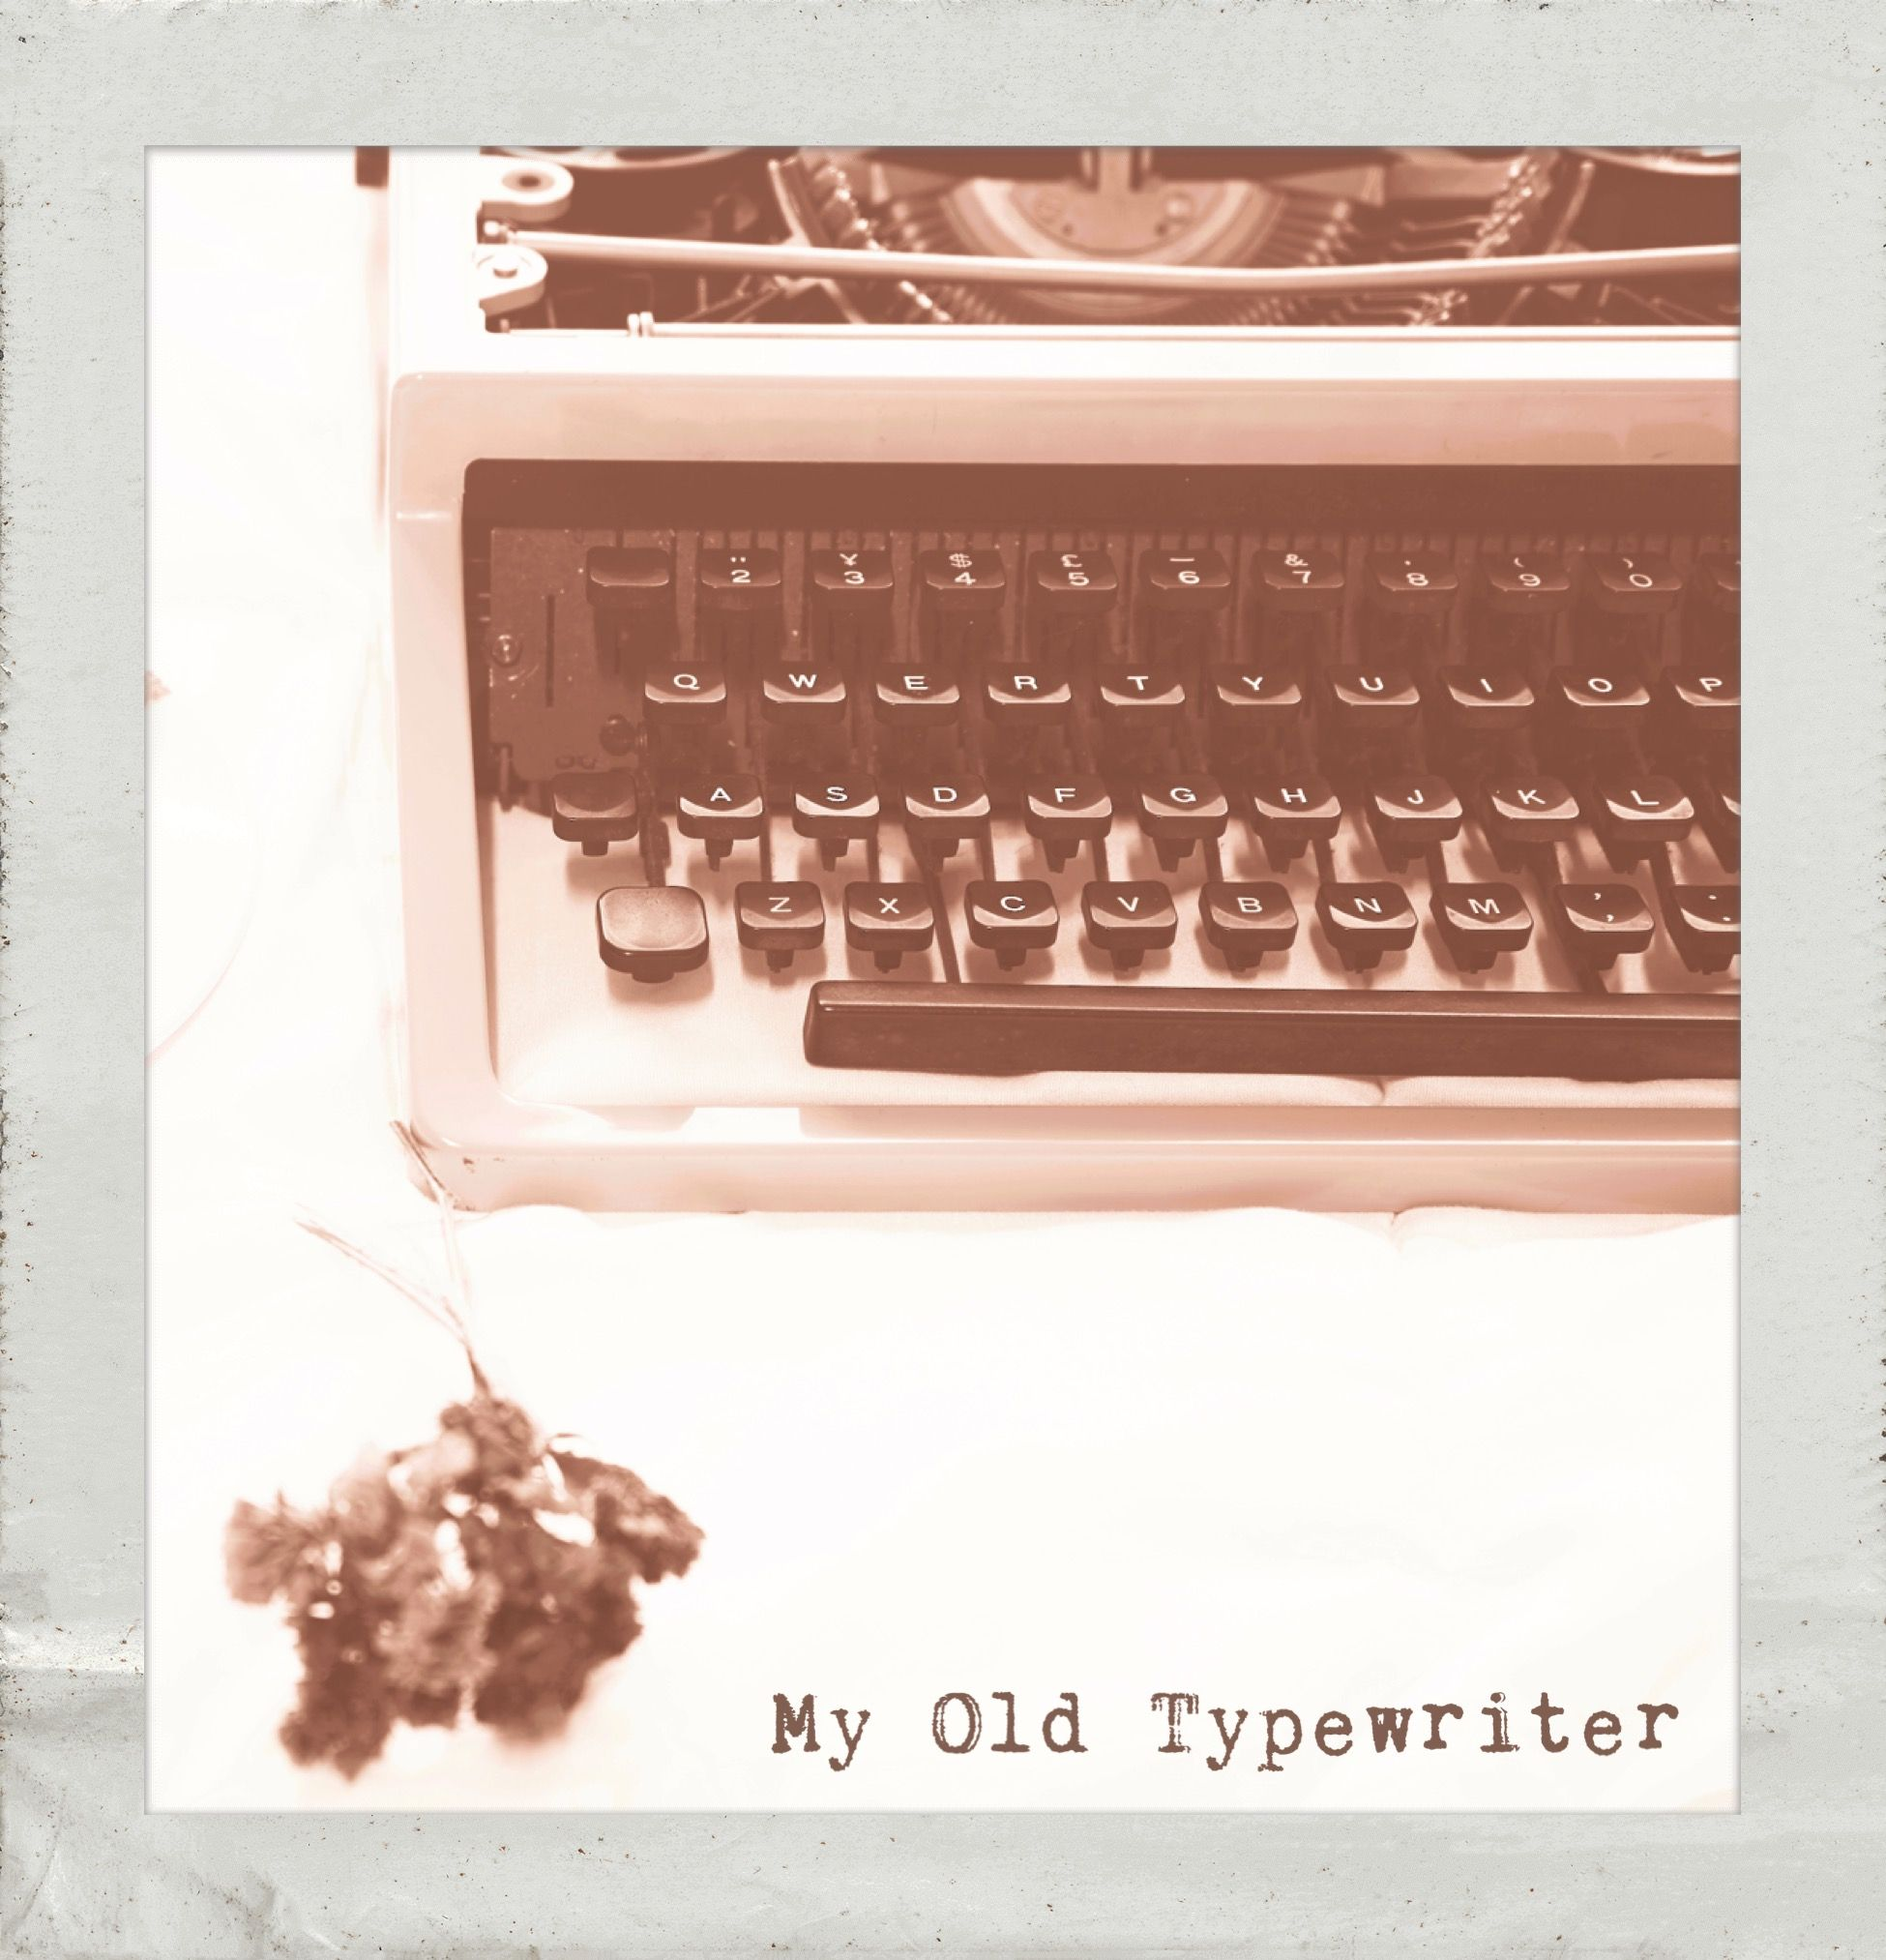 My Old Typewriter Polaroidfx Polaroid Frame Instant Vintage Retro Antique Machine Typewriting Write Photo Editor App Instant Photos Photo Editor